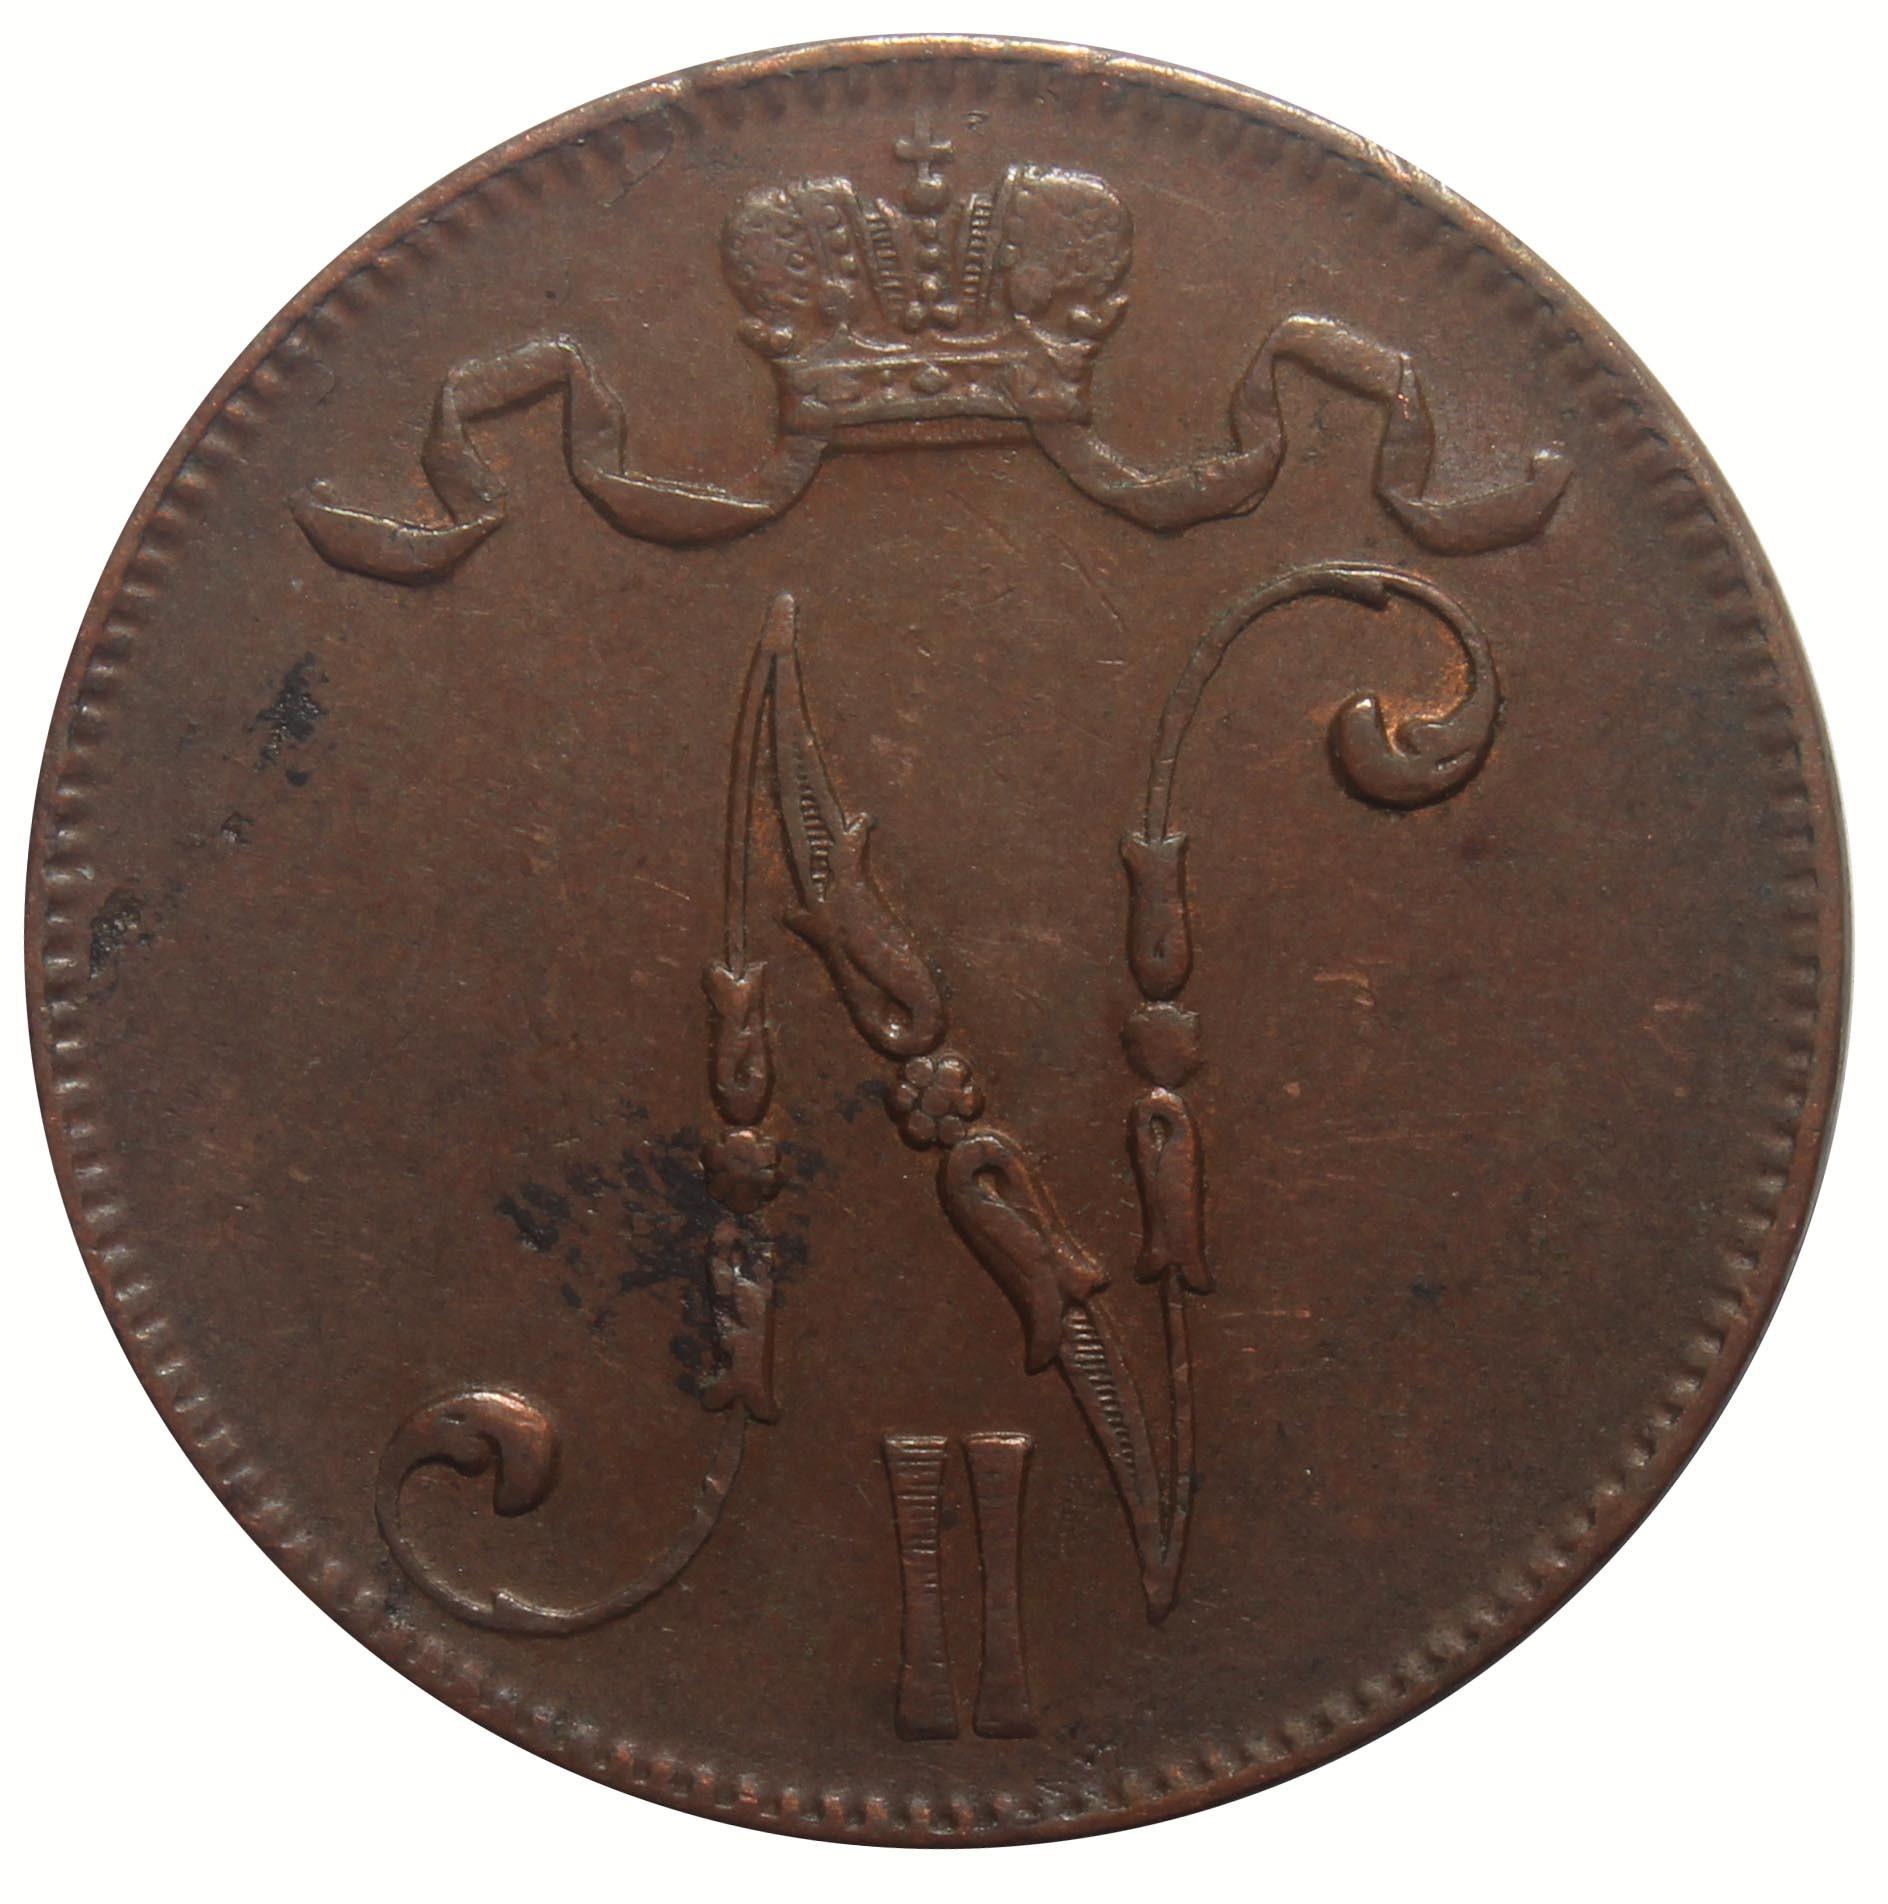 5 пенни 1916 год (Россия для Финляндии) XF